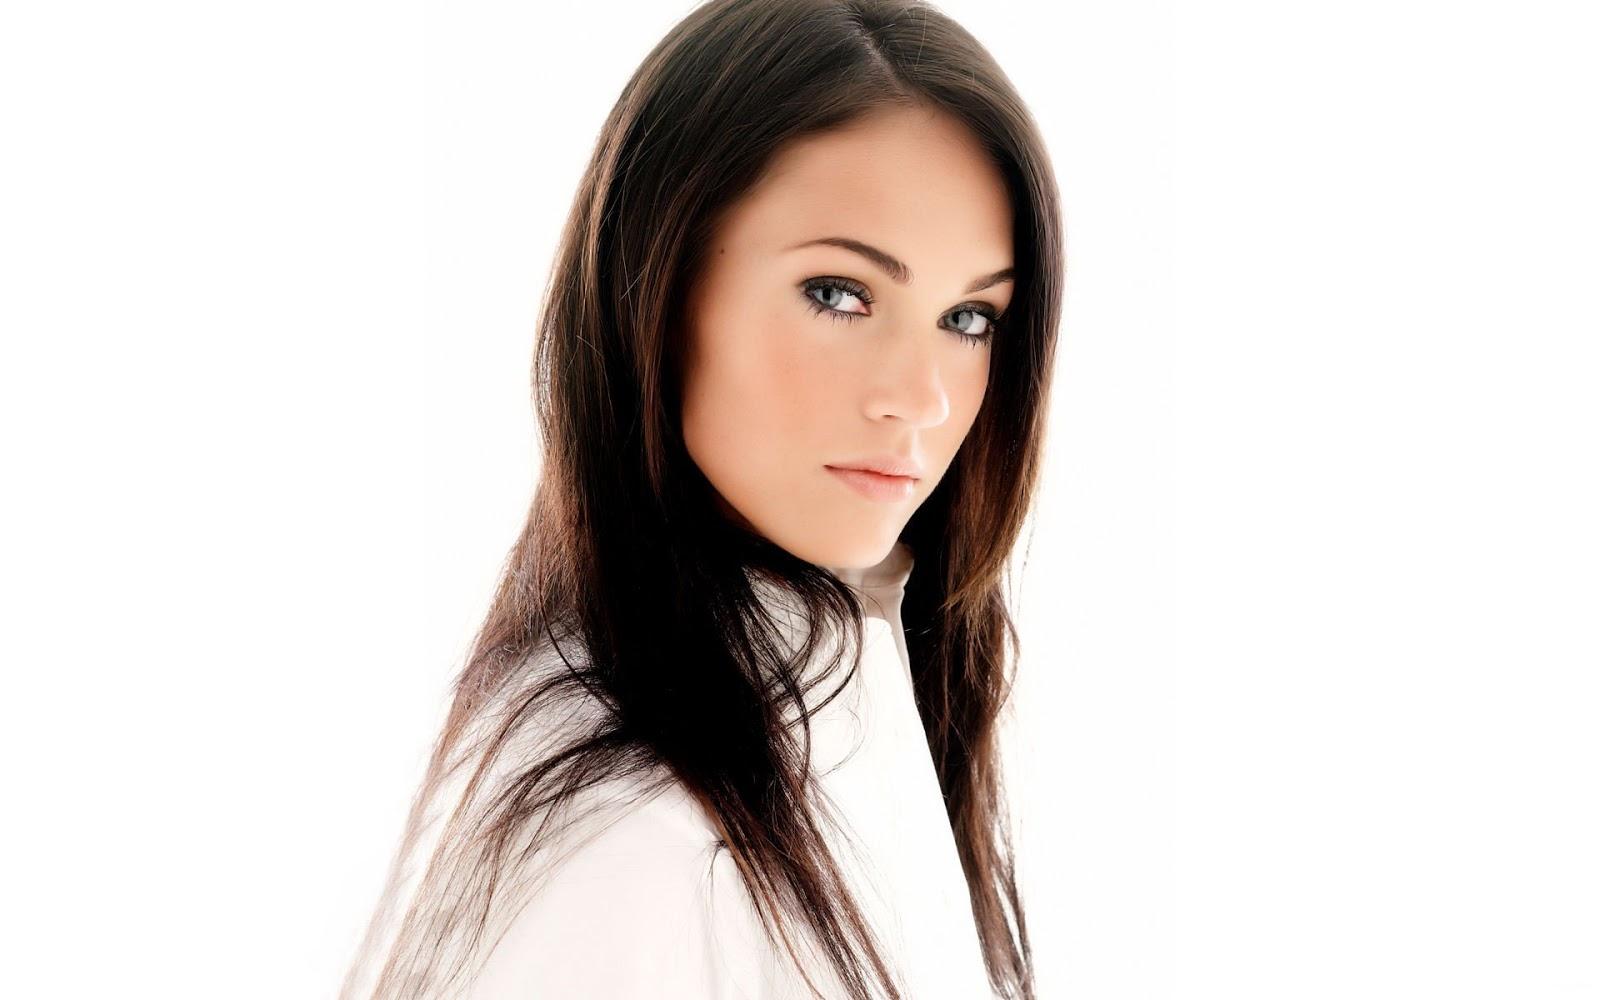 Megan Fox High Resolution